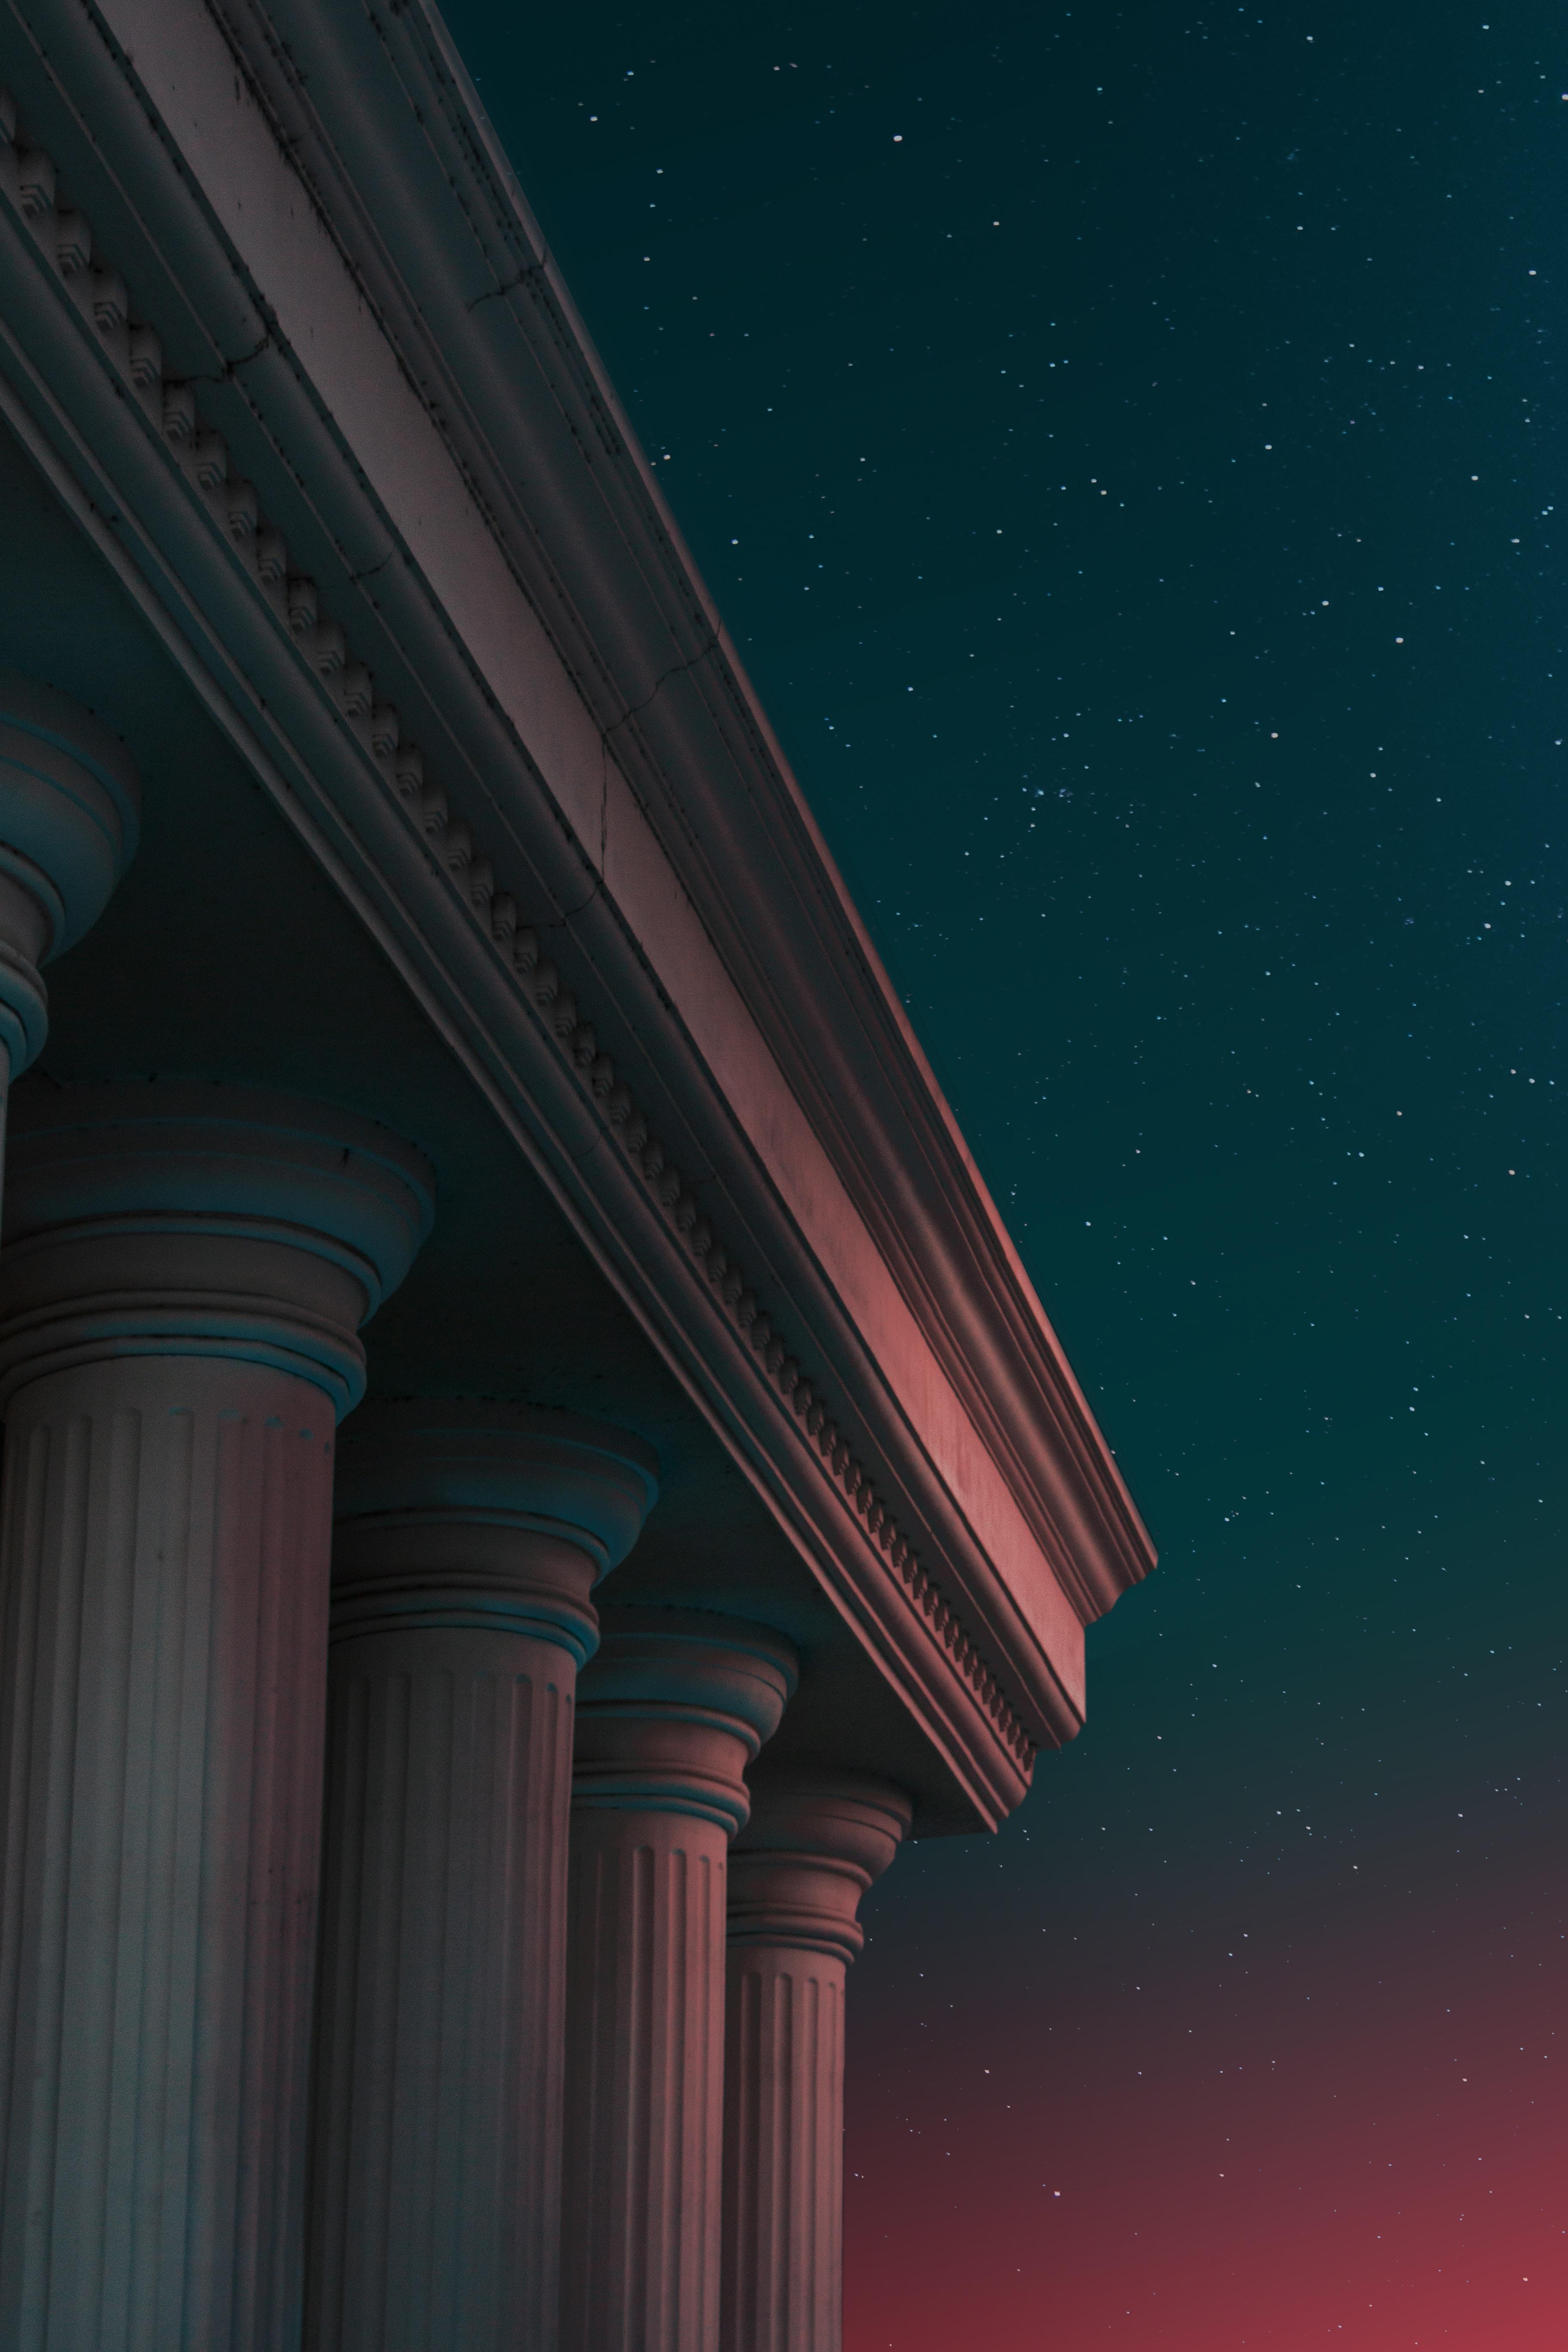 86537 Hintergrundbild 720x1280 kostenlos auf deinem Handy, lade Bilder Übernachtung, Architektur, Dunkel, Verschiedenes, Sonstige, Säulen, Antiquität, Spalte, Antiken 720x1280 auf dein Handy herunter